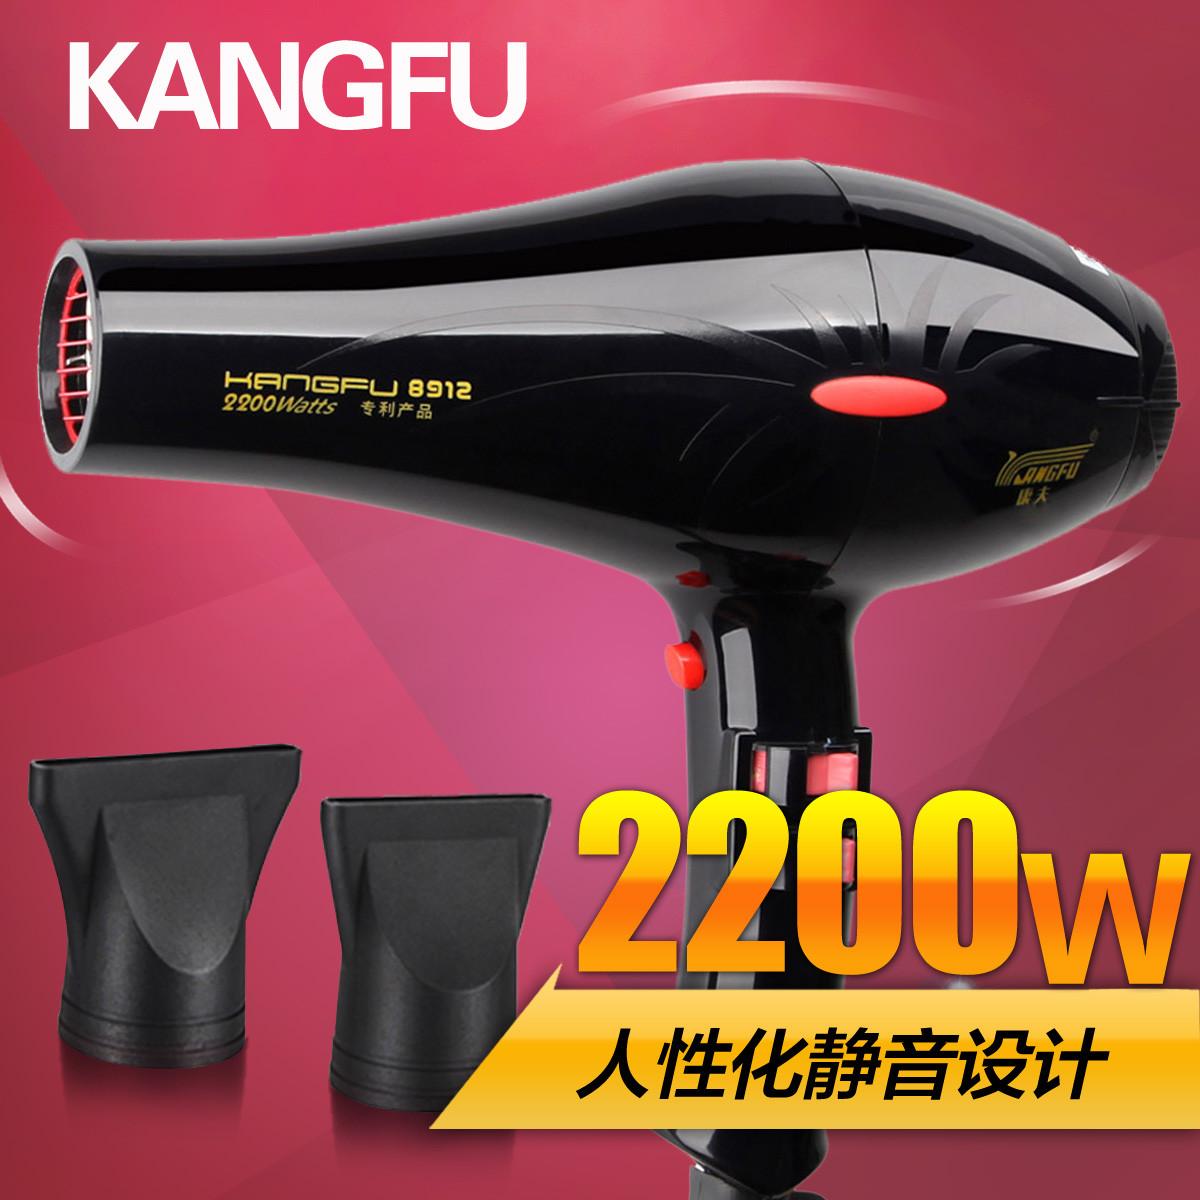 康夫kf-8912 电吹风